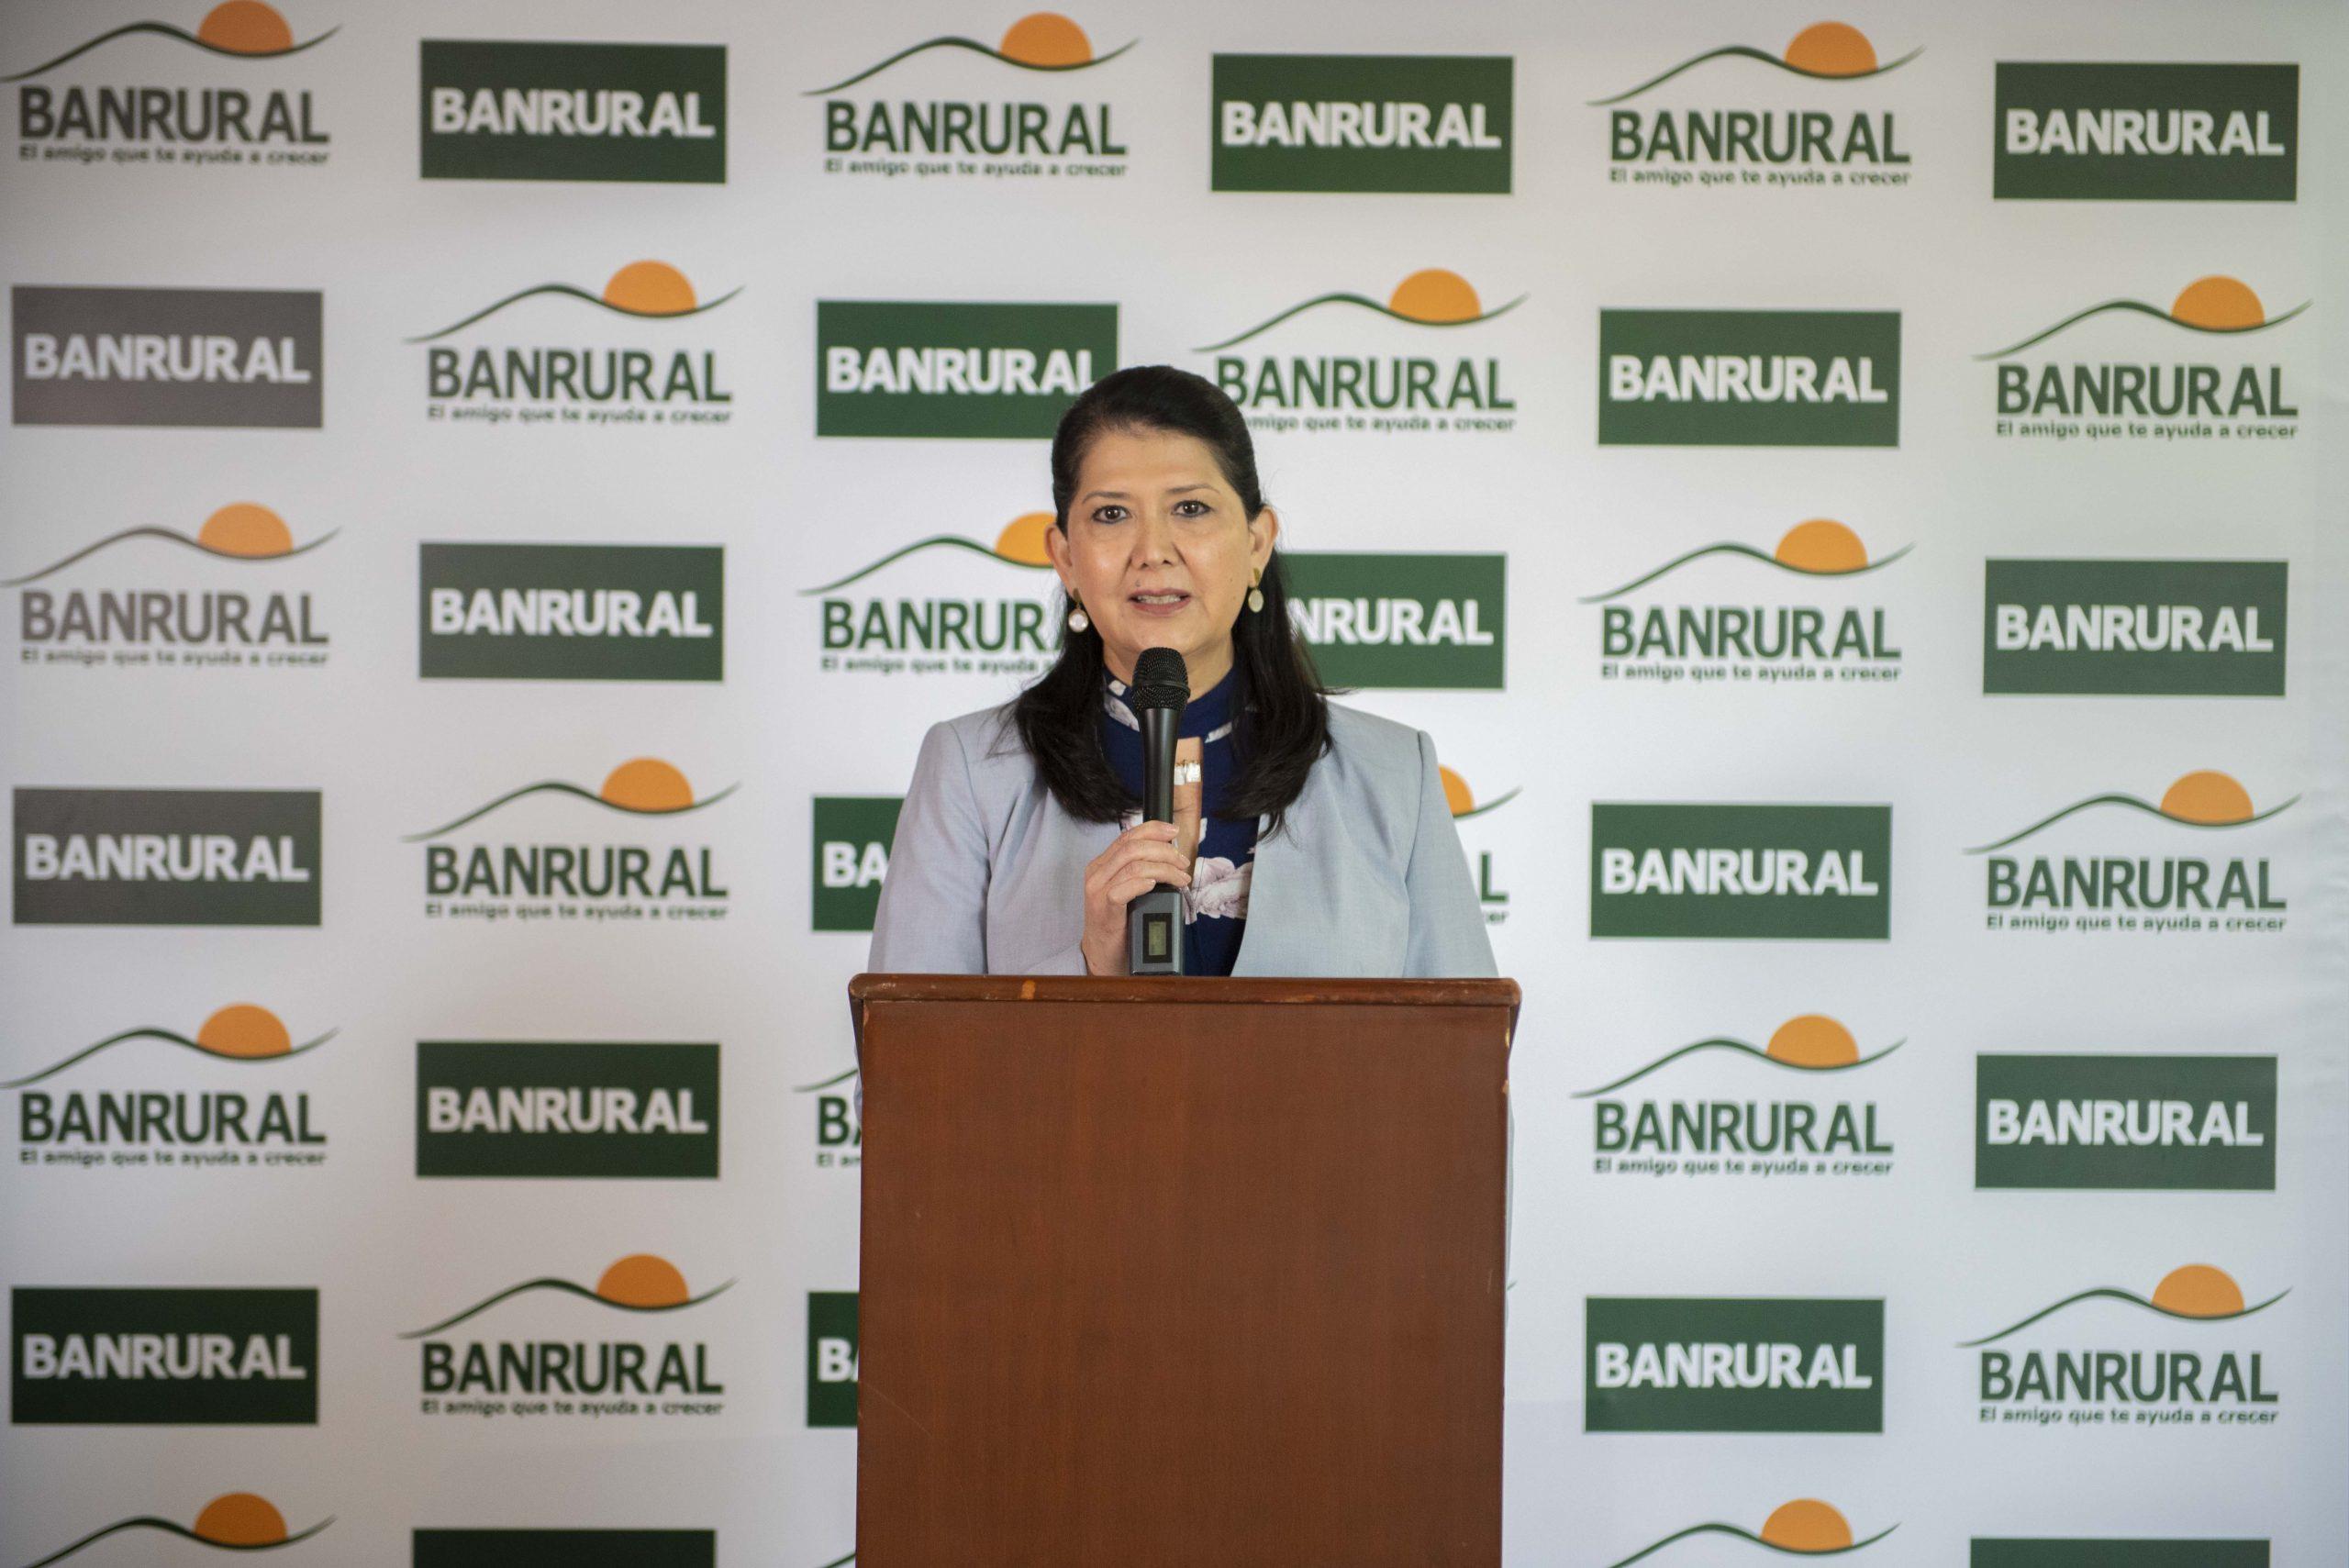 Banrural informó que a partir de ahora sus clientes podrán tramitar los antecedentes penales y policiacos a través de la banca virtual. (Foto: Cortesía Banrural)